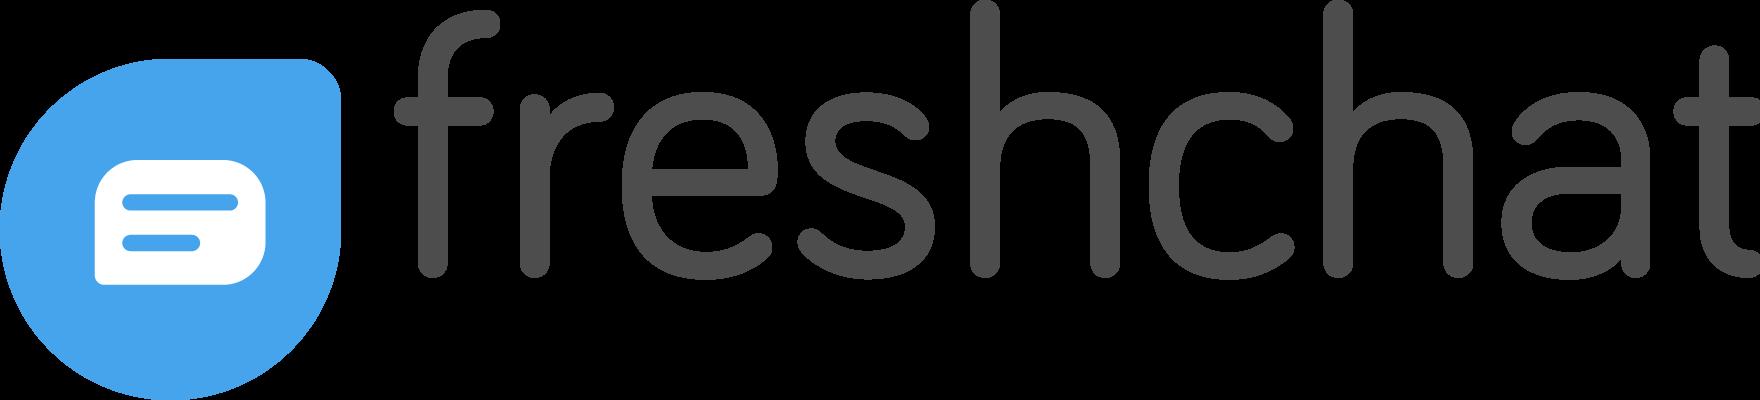 freshchat-logo